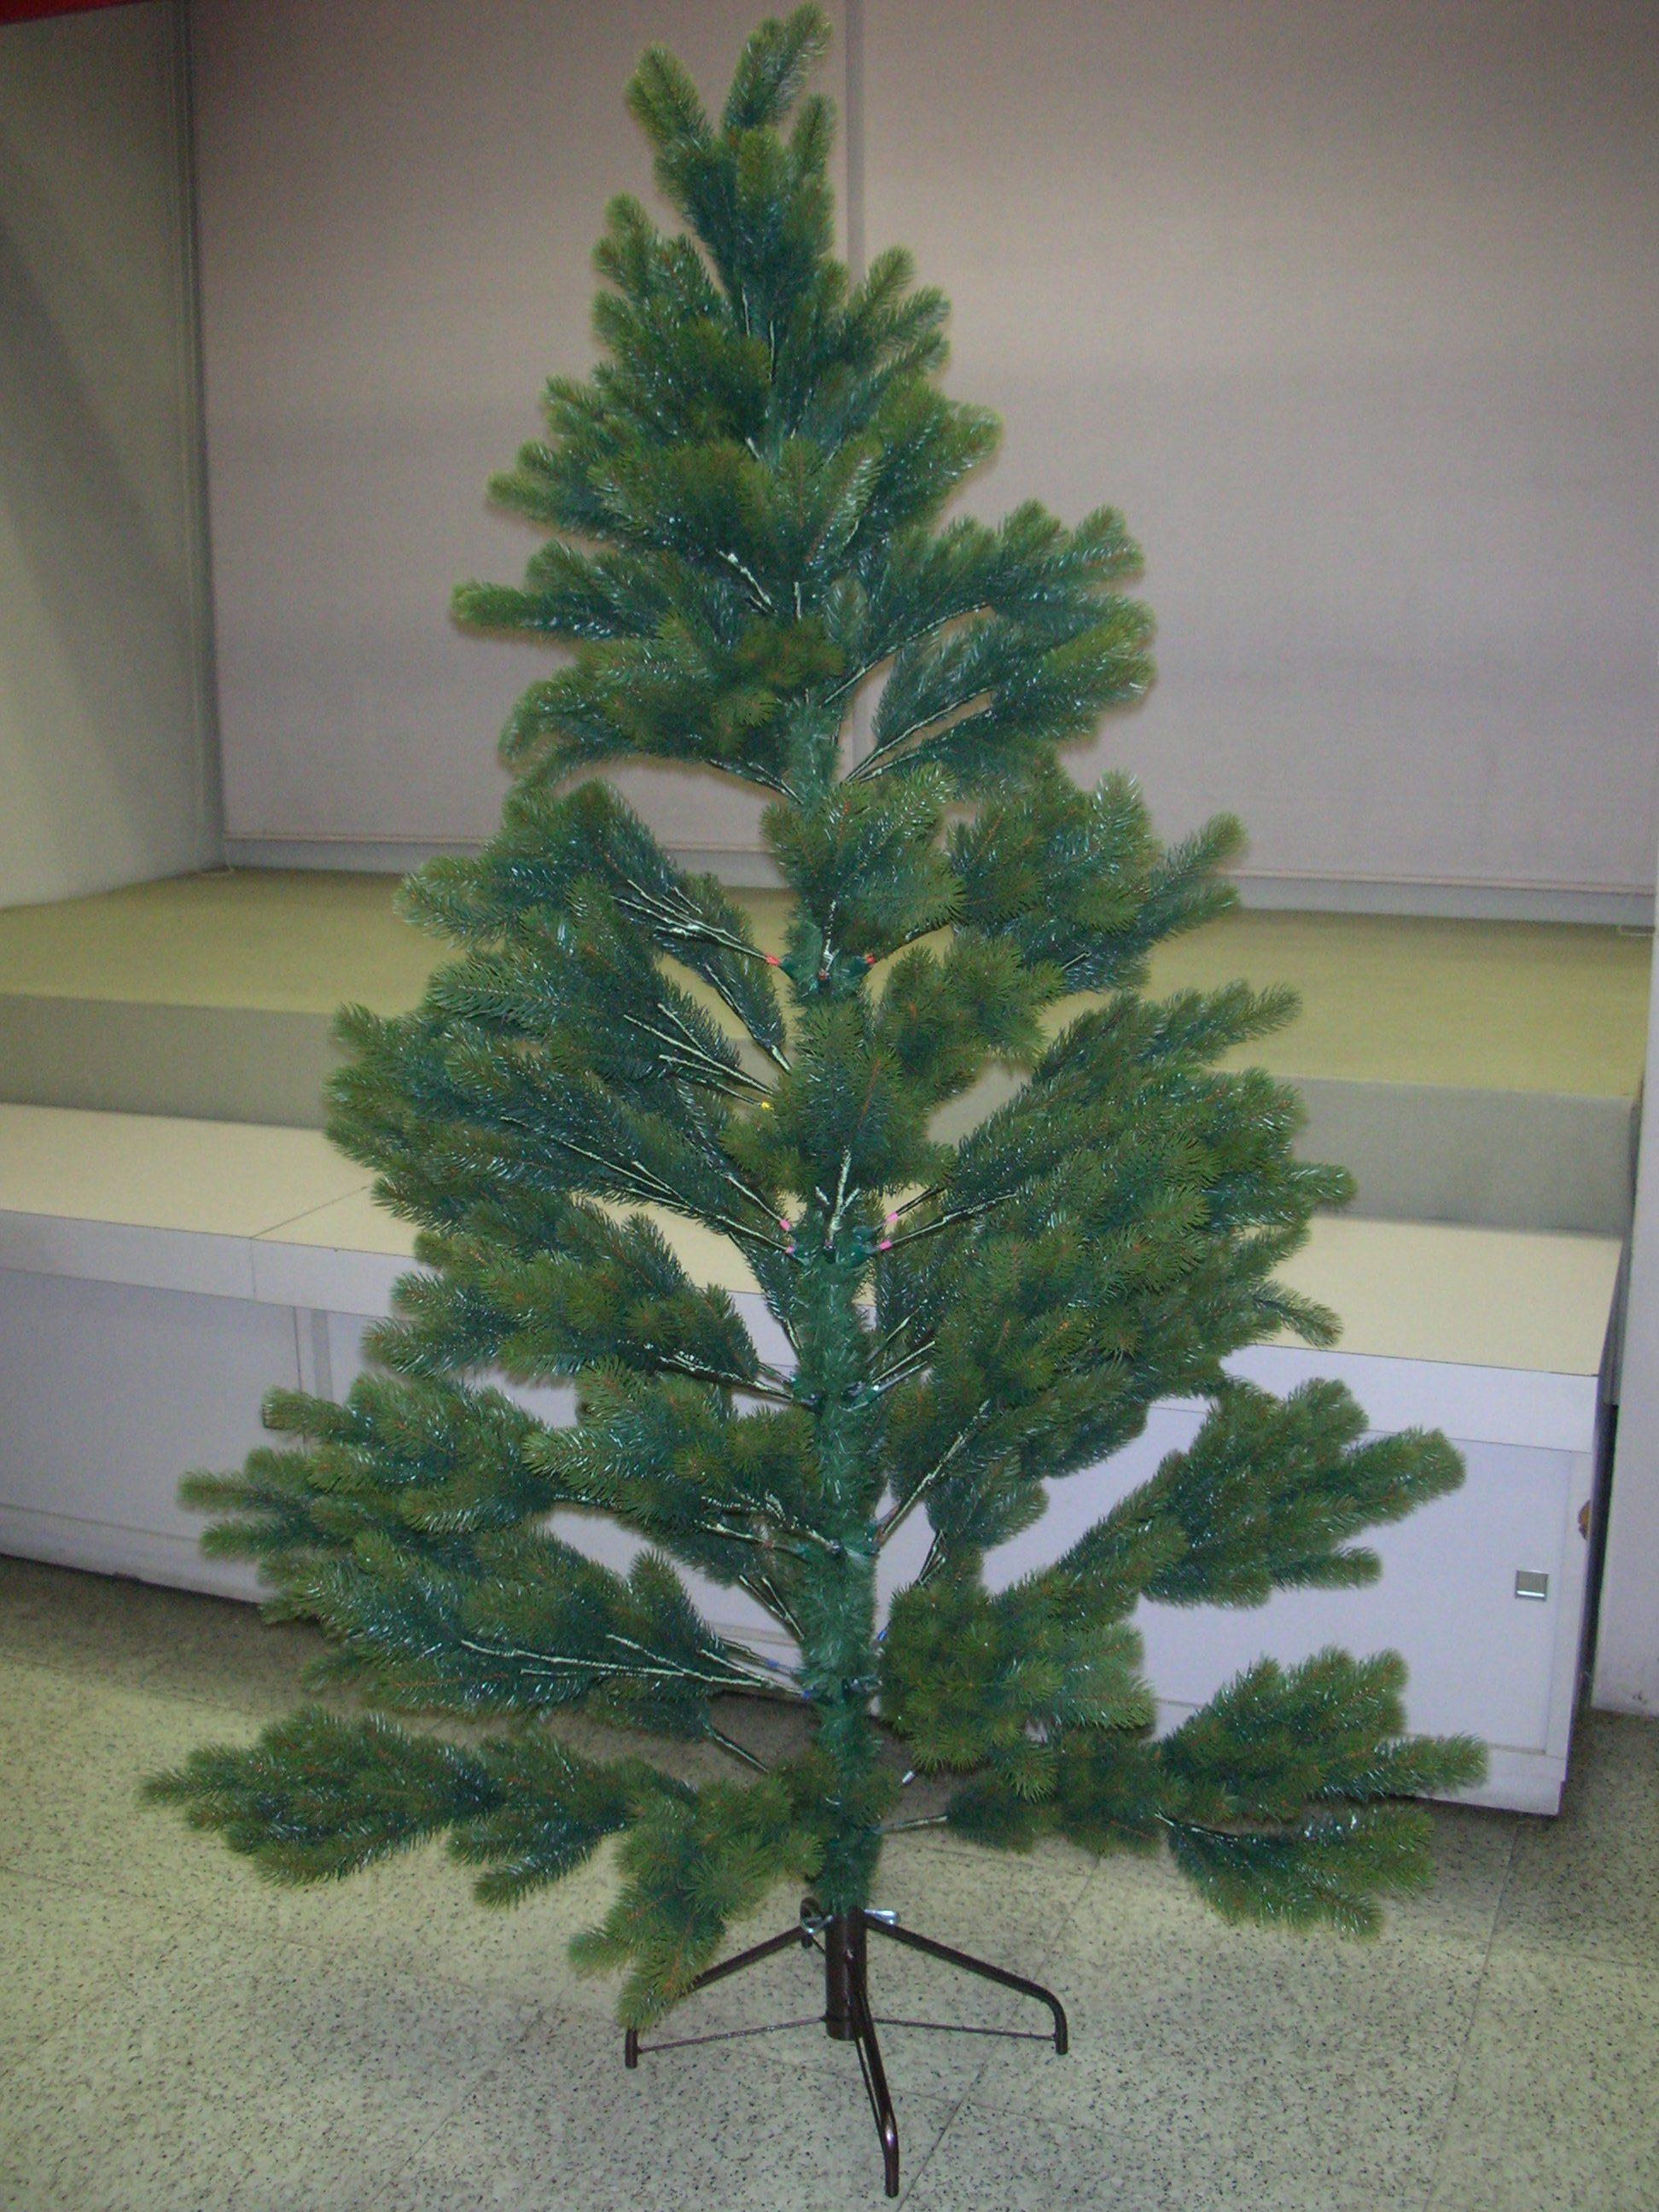 RSグローバルトレード社・クリスマスツリー195cm(2017年版) 〜プラスティフロア社後継のタイ製ツリーです。〜